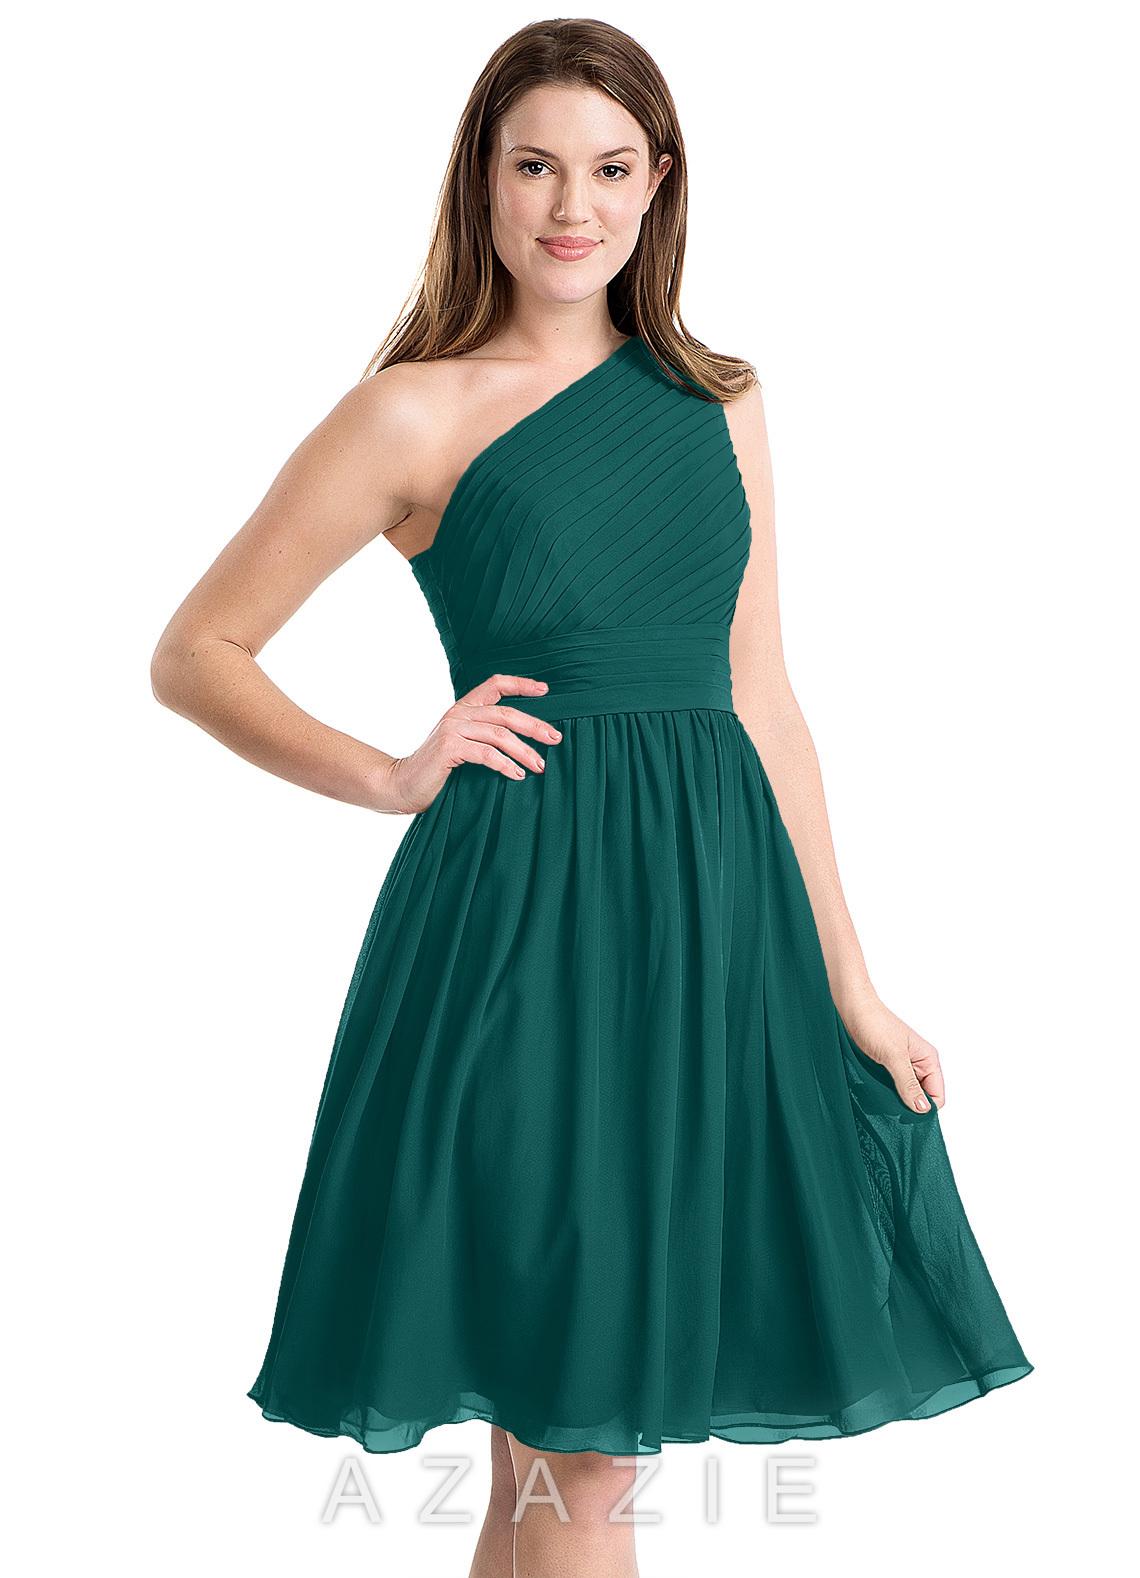 bb220a8e871 Azazie Katrina Bridesmaid Dress - Peacock